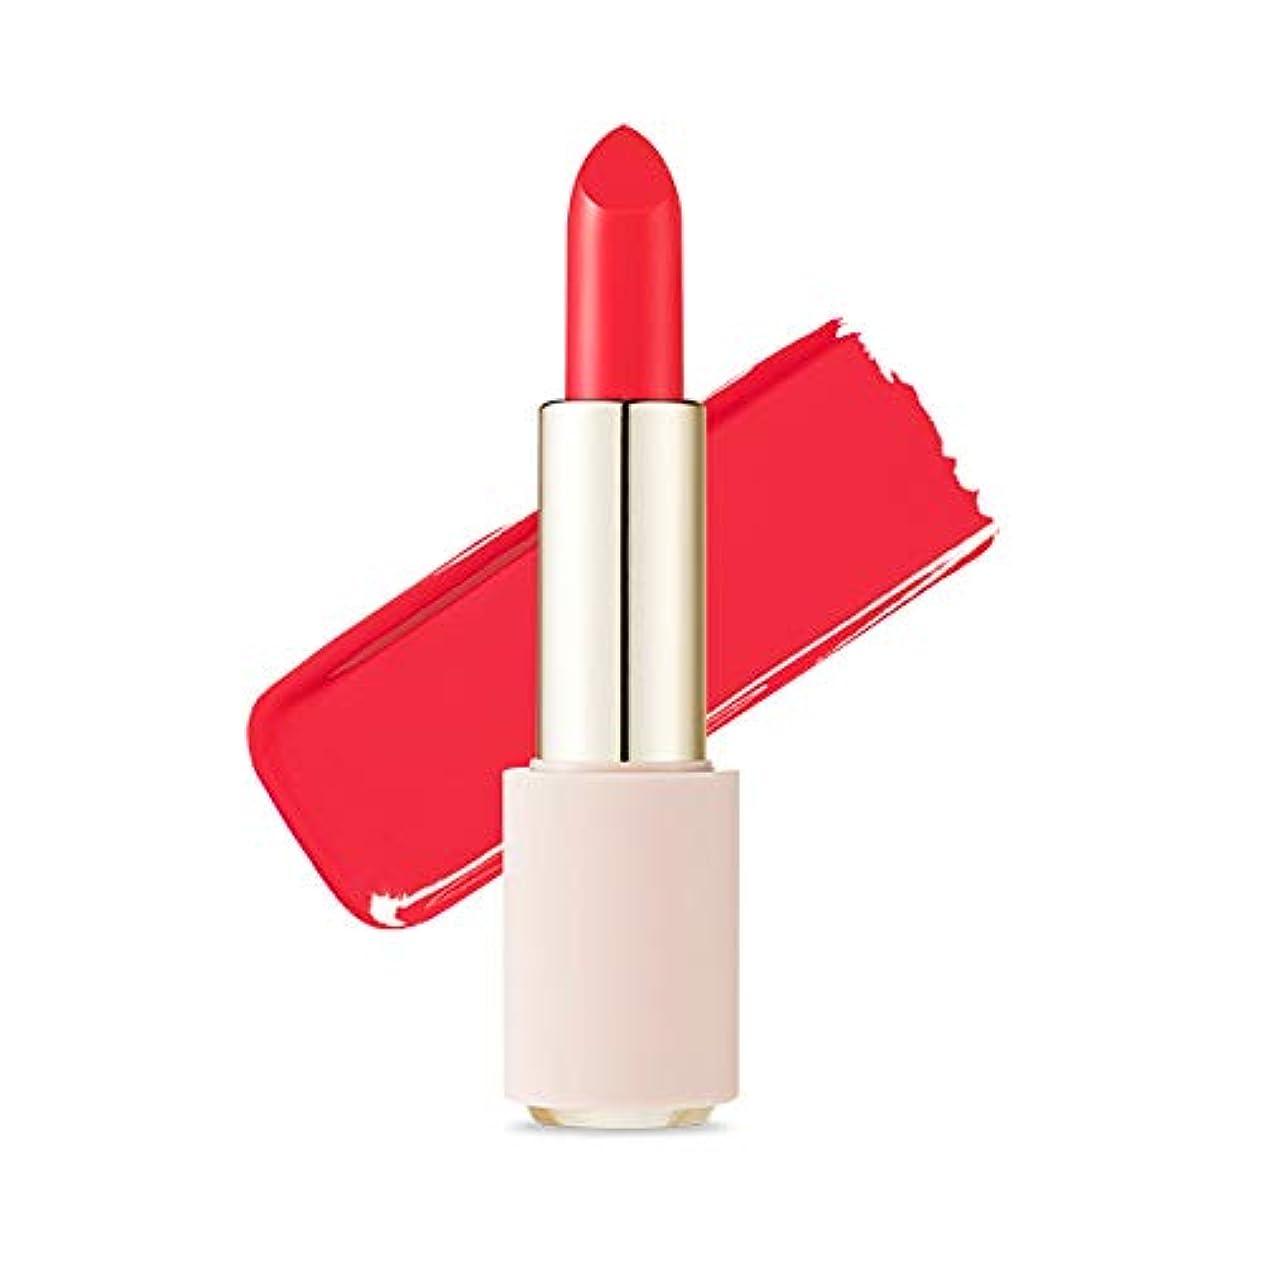 比較的意味のあるすずめEtude House Better Lips Talk エチュードハウス ベター リップス - トーク (# PK027 Fall in Pink) [並行輸入品]